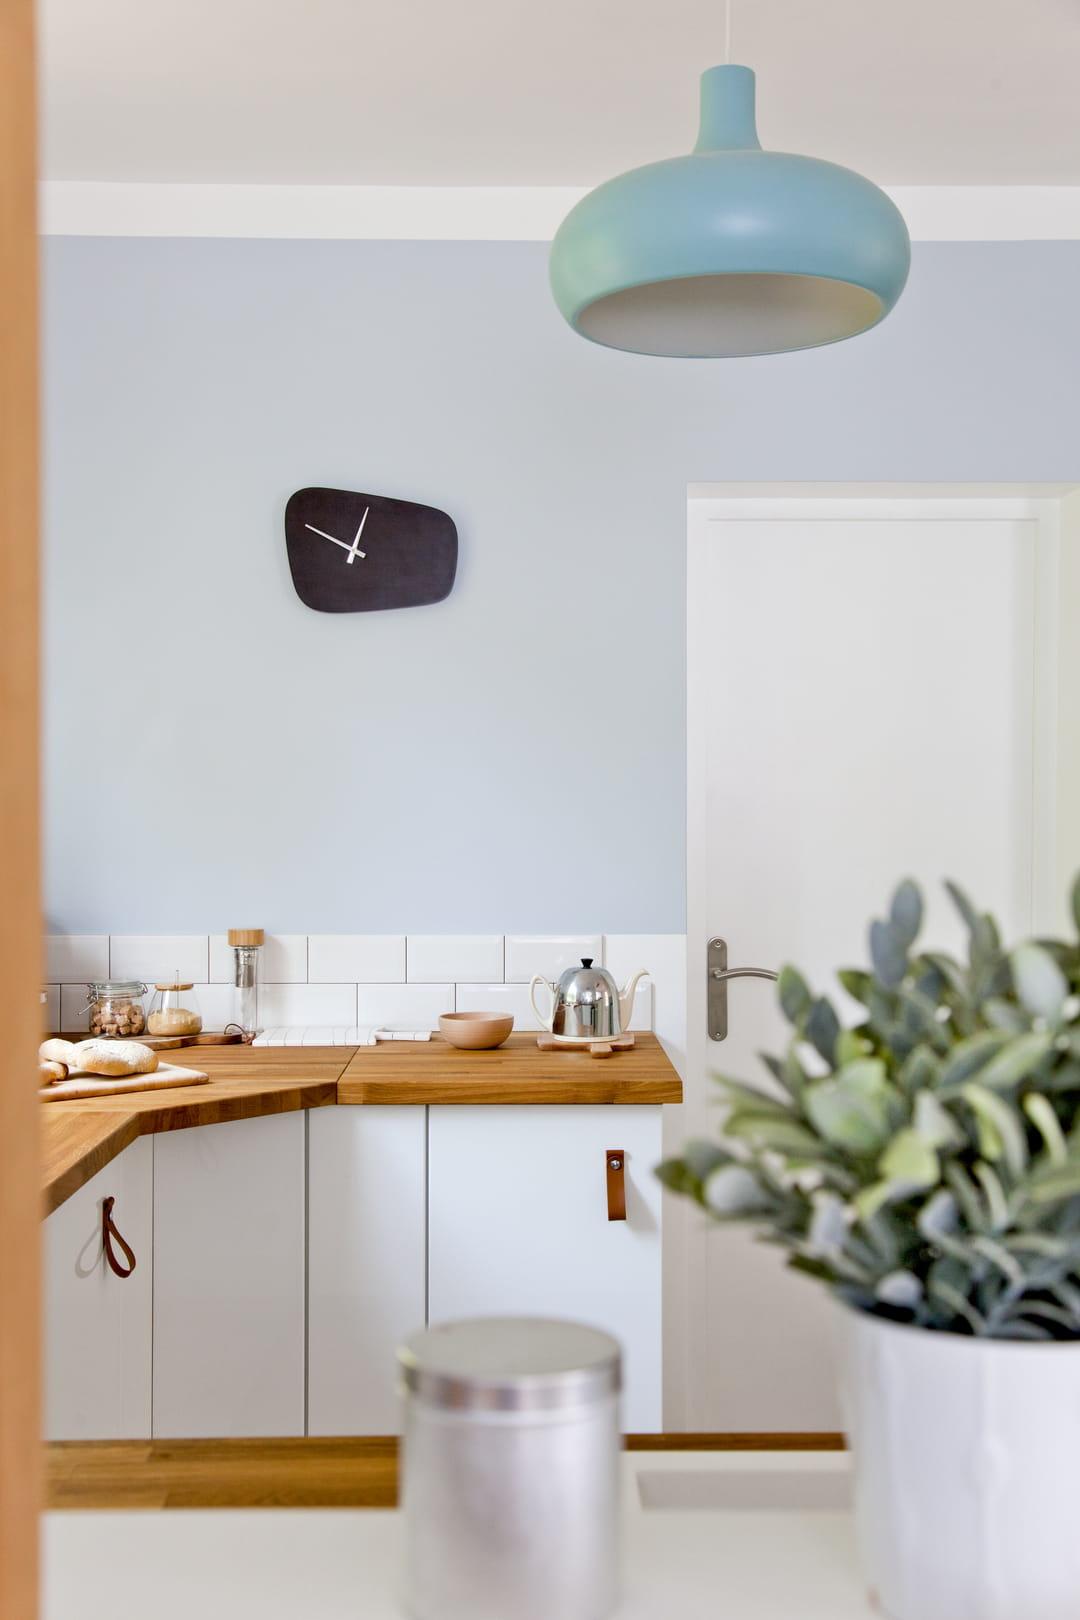 Poignée De Cuisine Ikea transformer une cuisine en ne changeant que les poignées